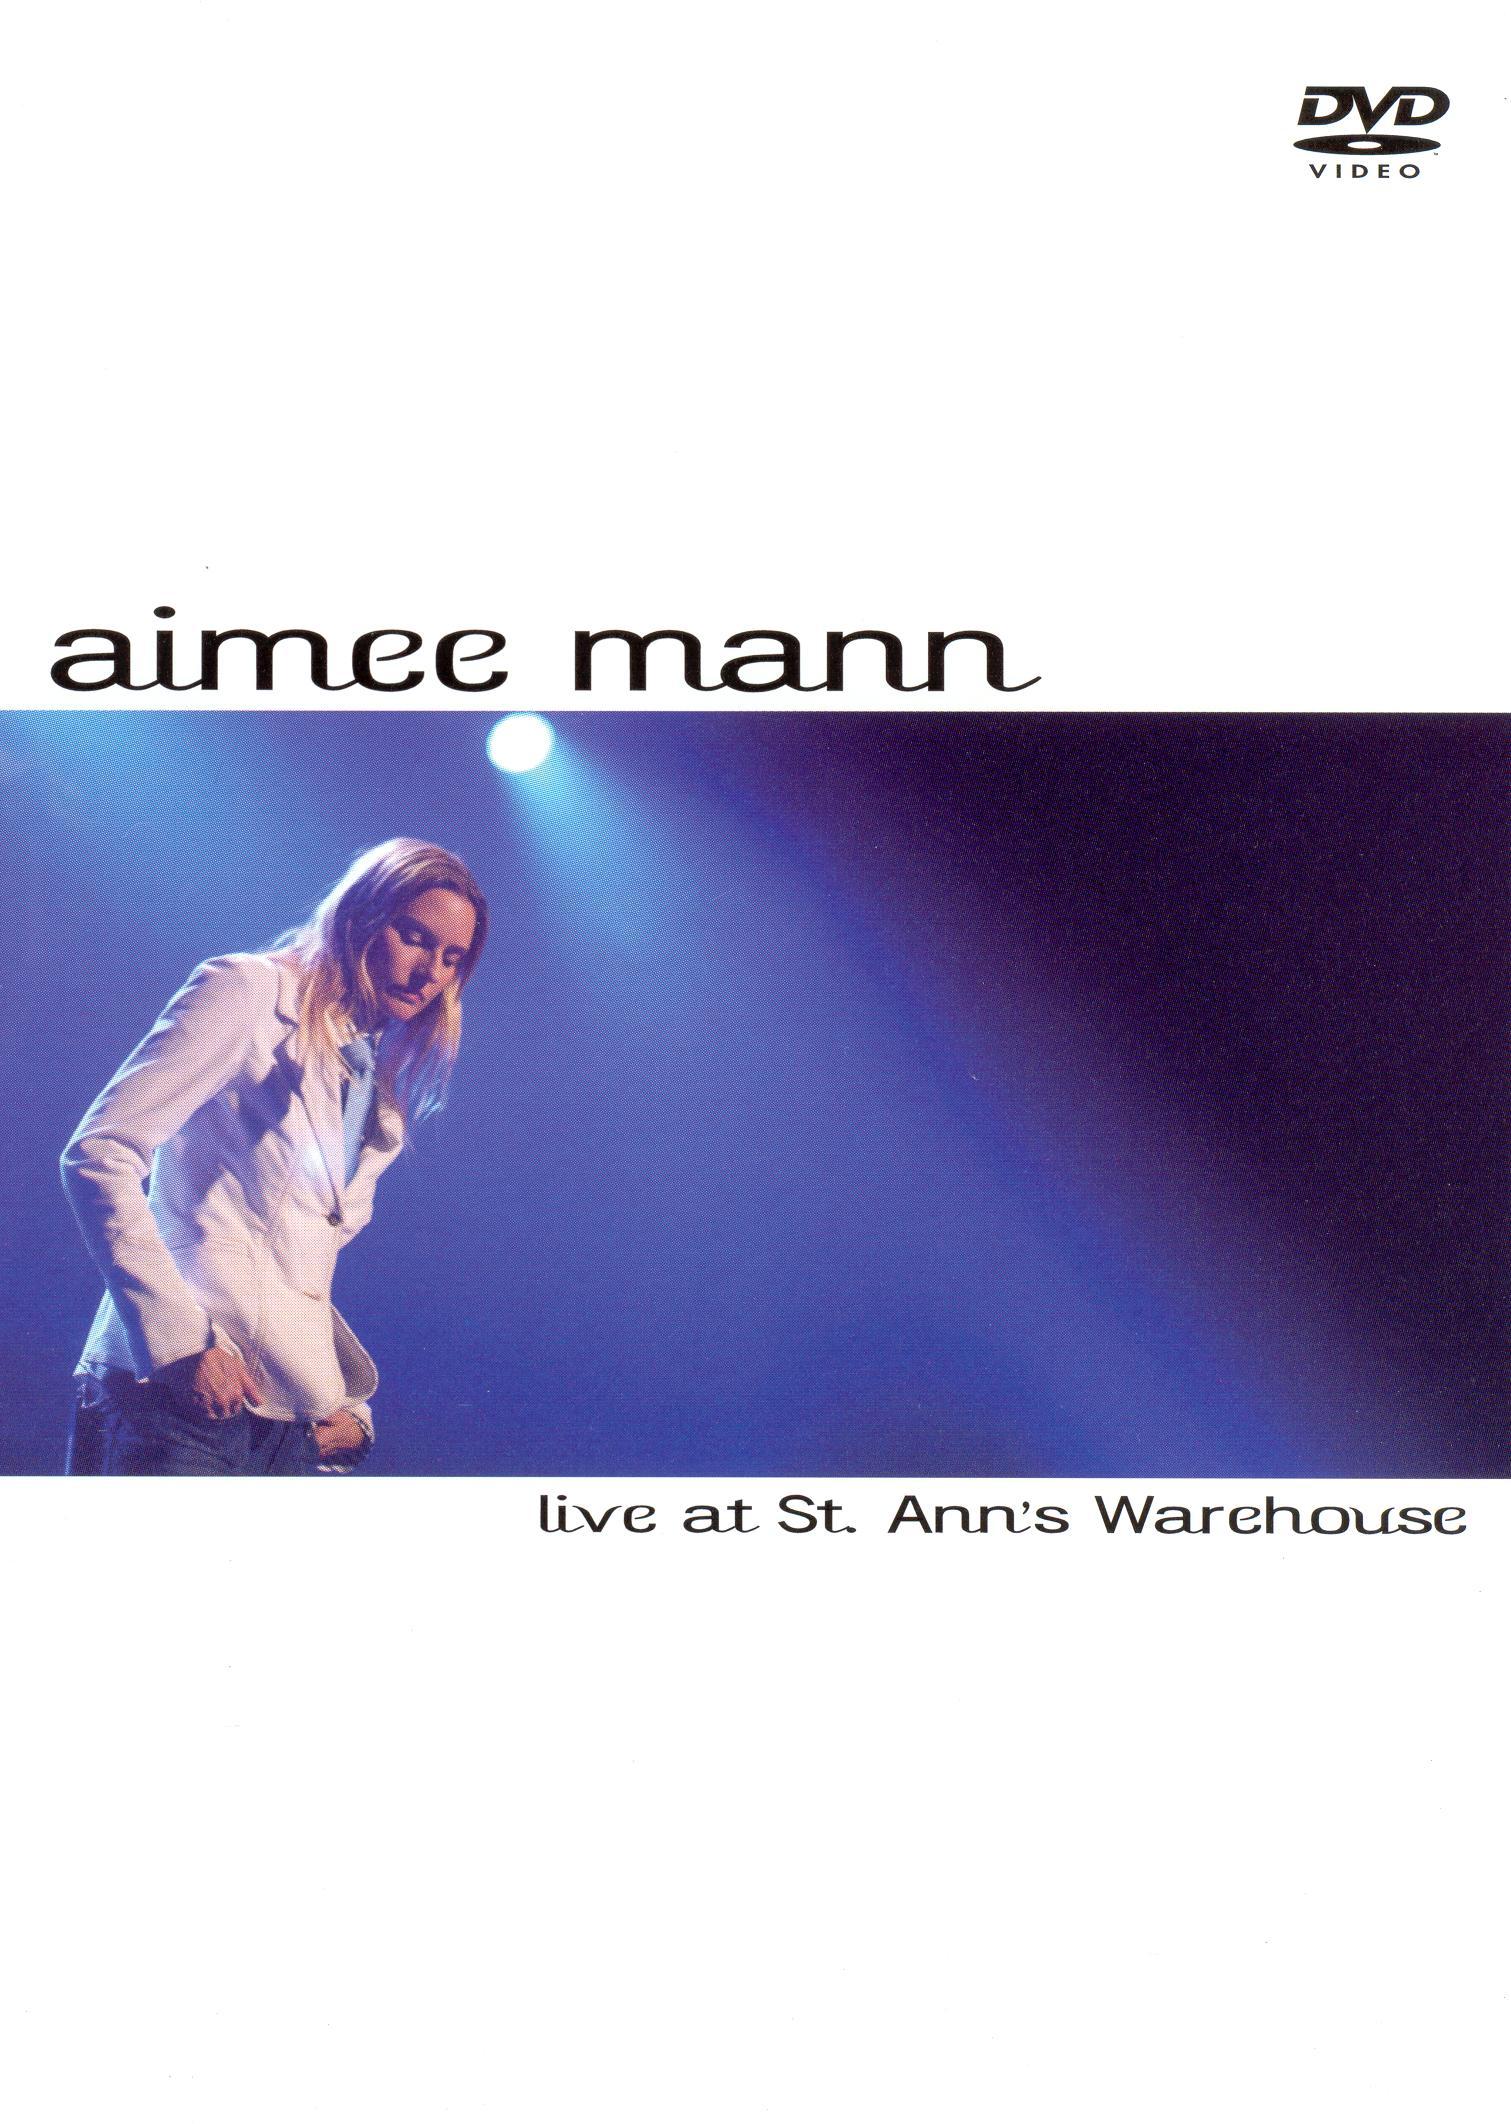 Aimee Mann: Live at St. Ann's Warehouse